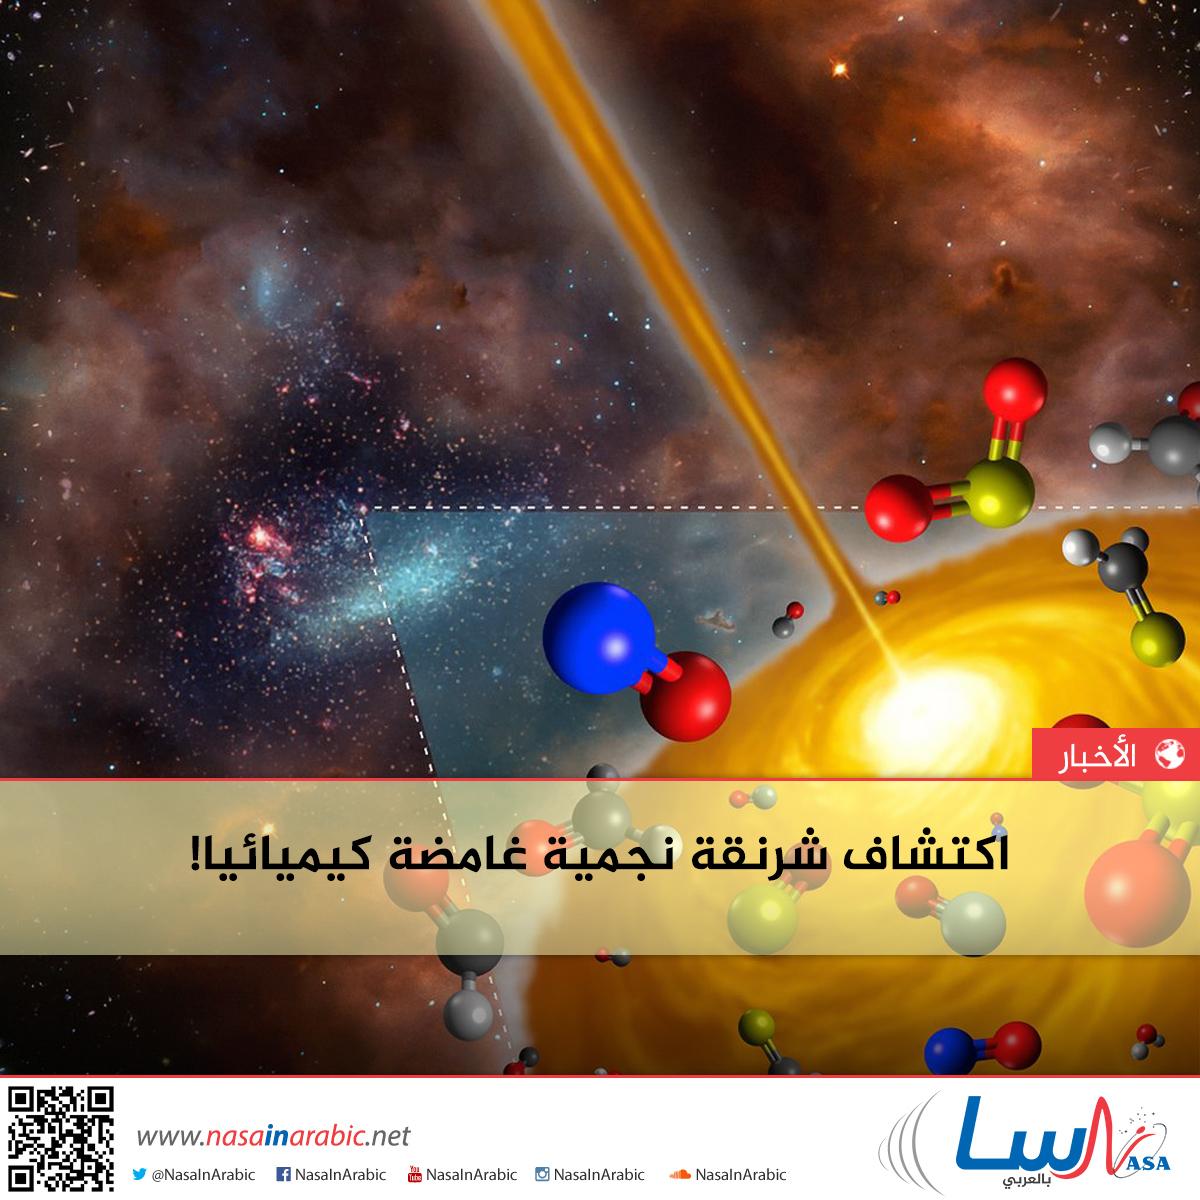 اكتشاف شرنقة نجمية غامضة كيميائيا!